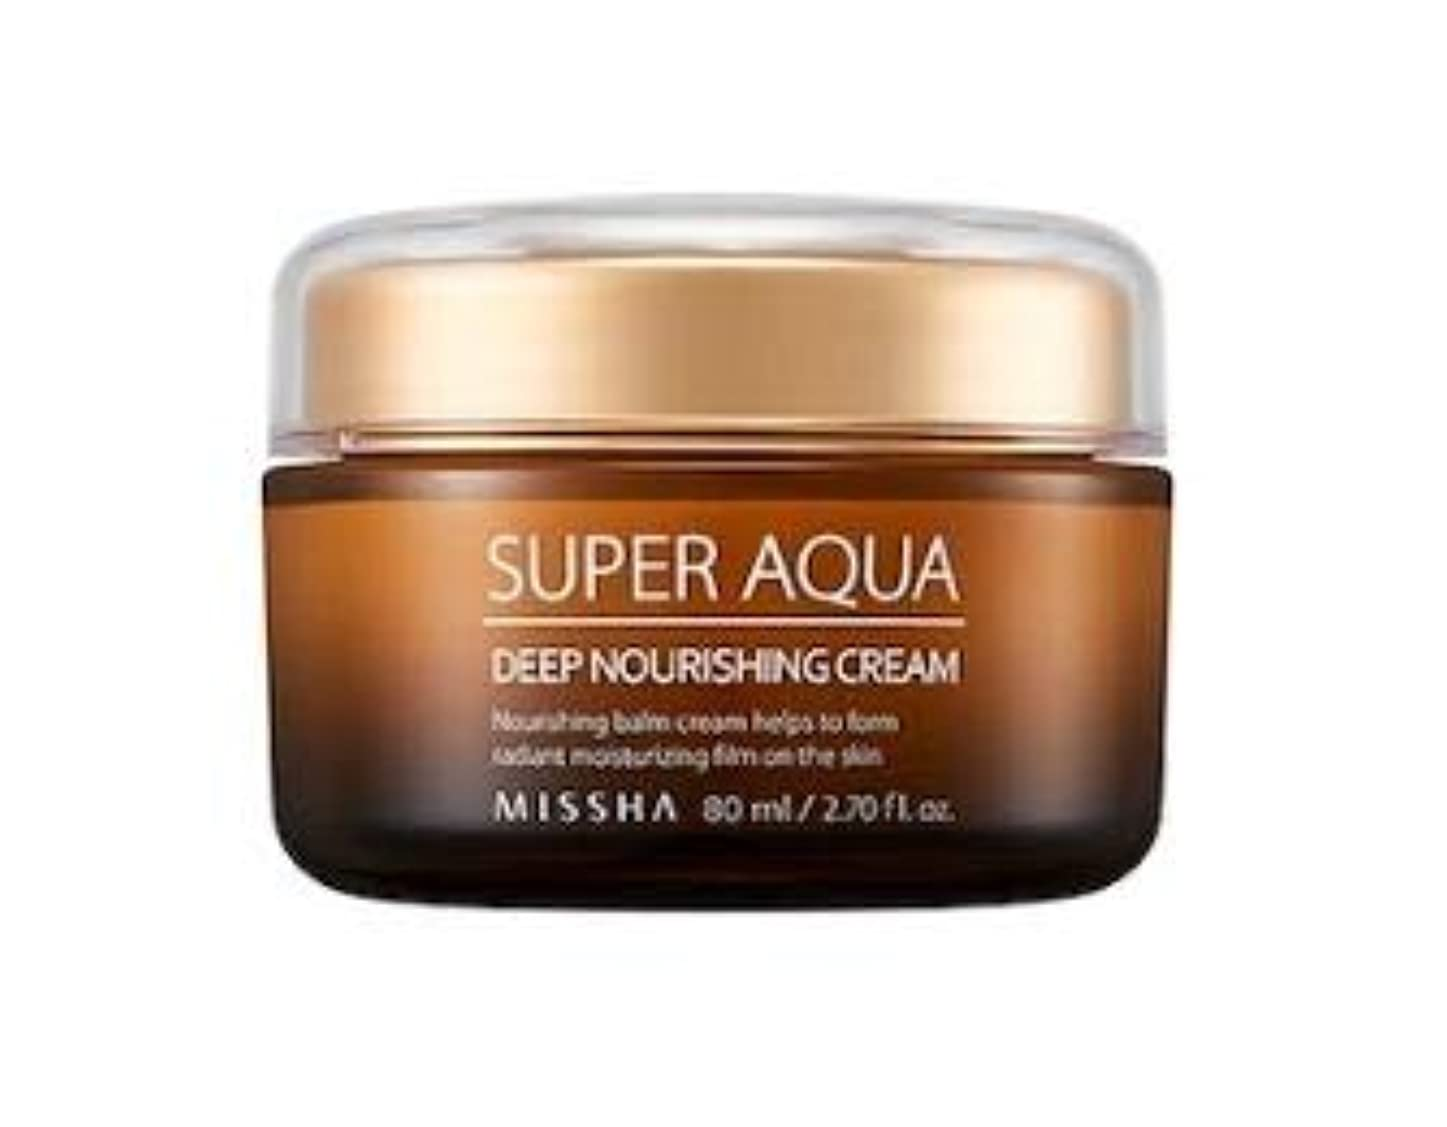 単語偽戸棚MISSHA Super Aqua Ultra Water Full Deep Nourishing Cream ミシャ スーパーアクアウルトラウォーターフルディープナリシングクリーム [並行輸入品]